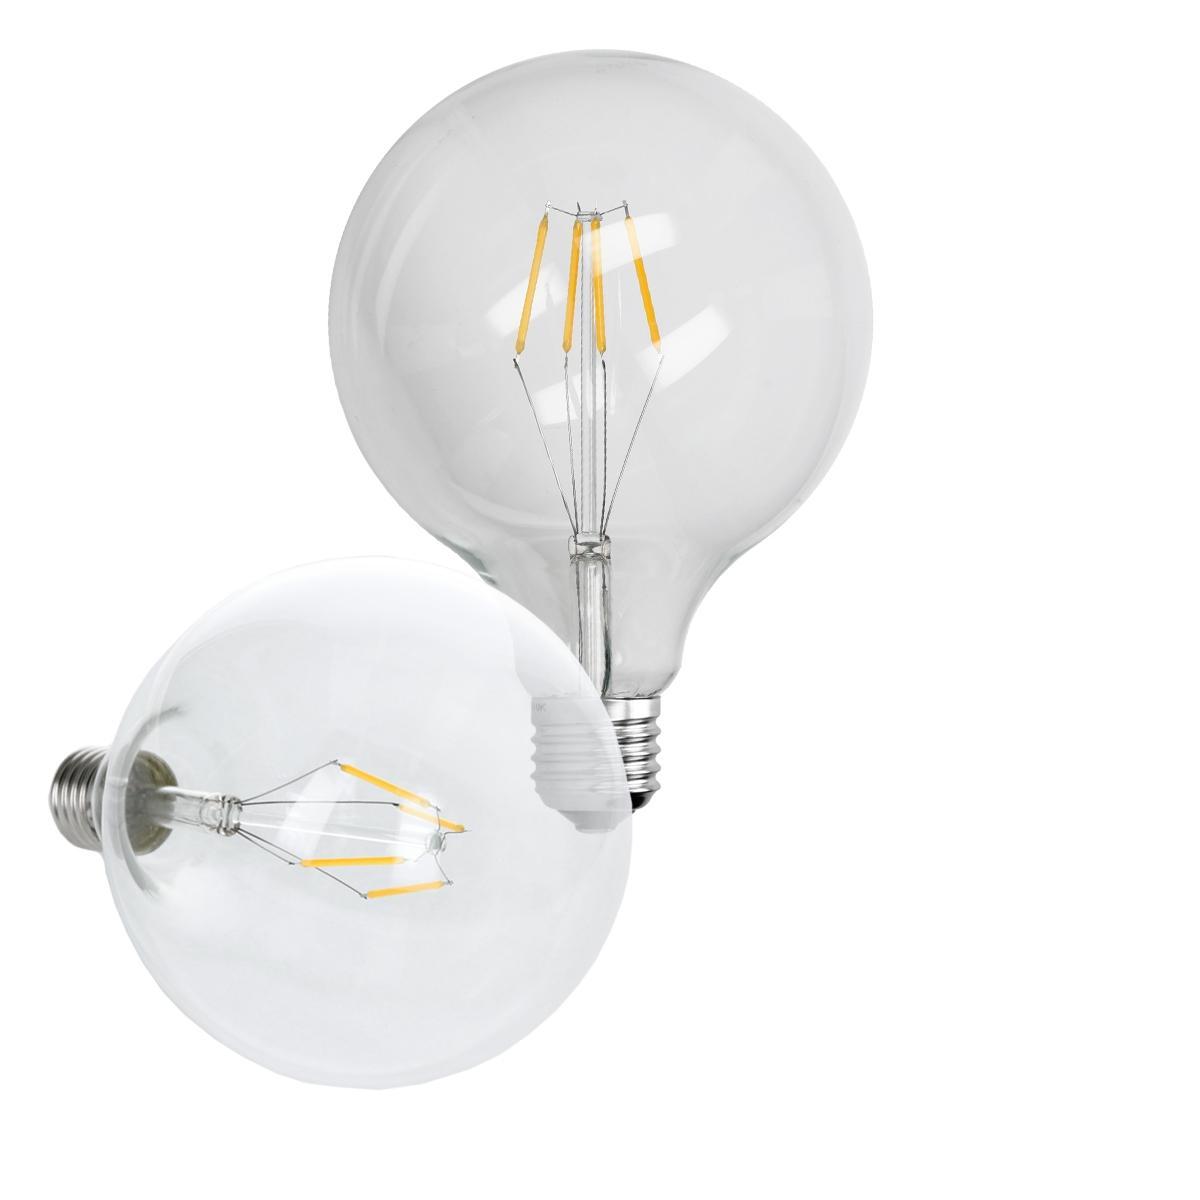 Ecd Germany 4 x ampoule LED à gros filament E27 4W 125 mm blanc chaud